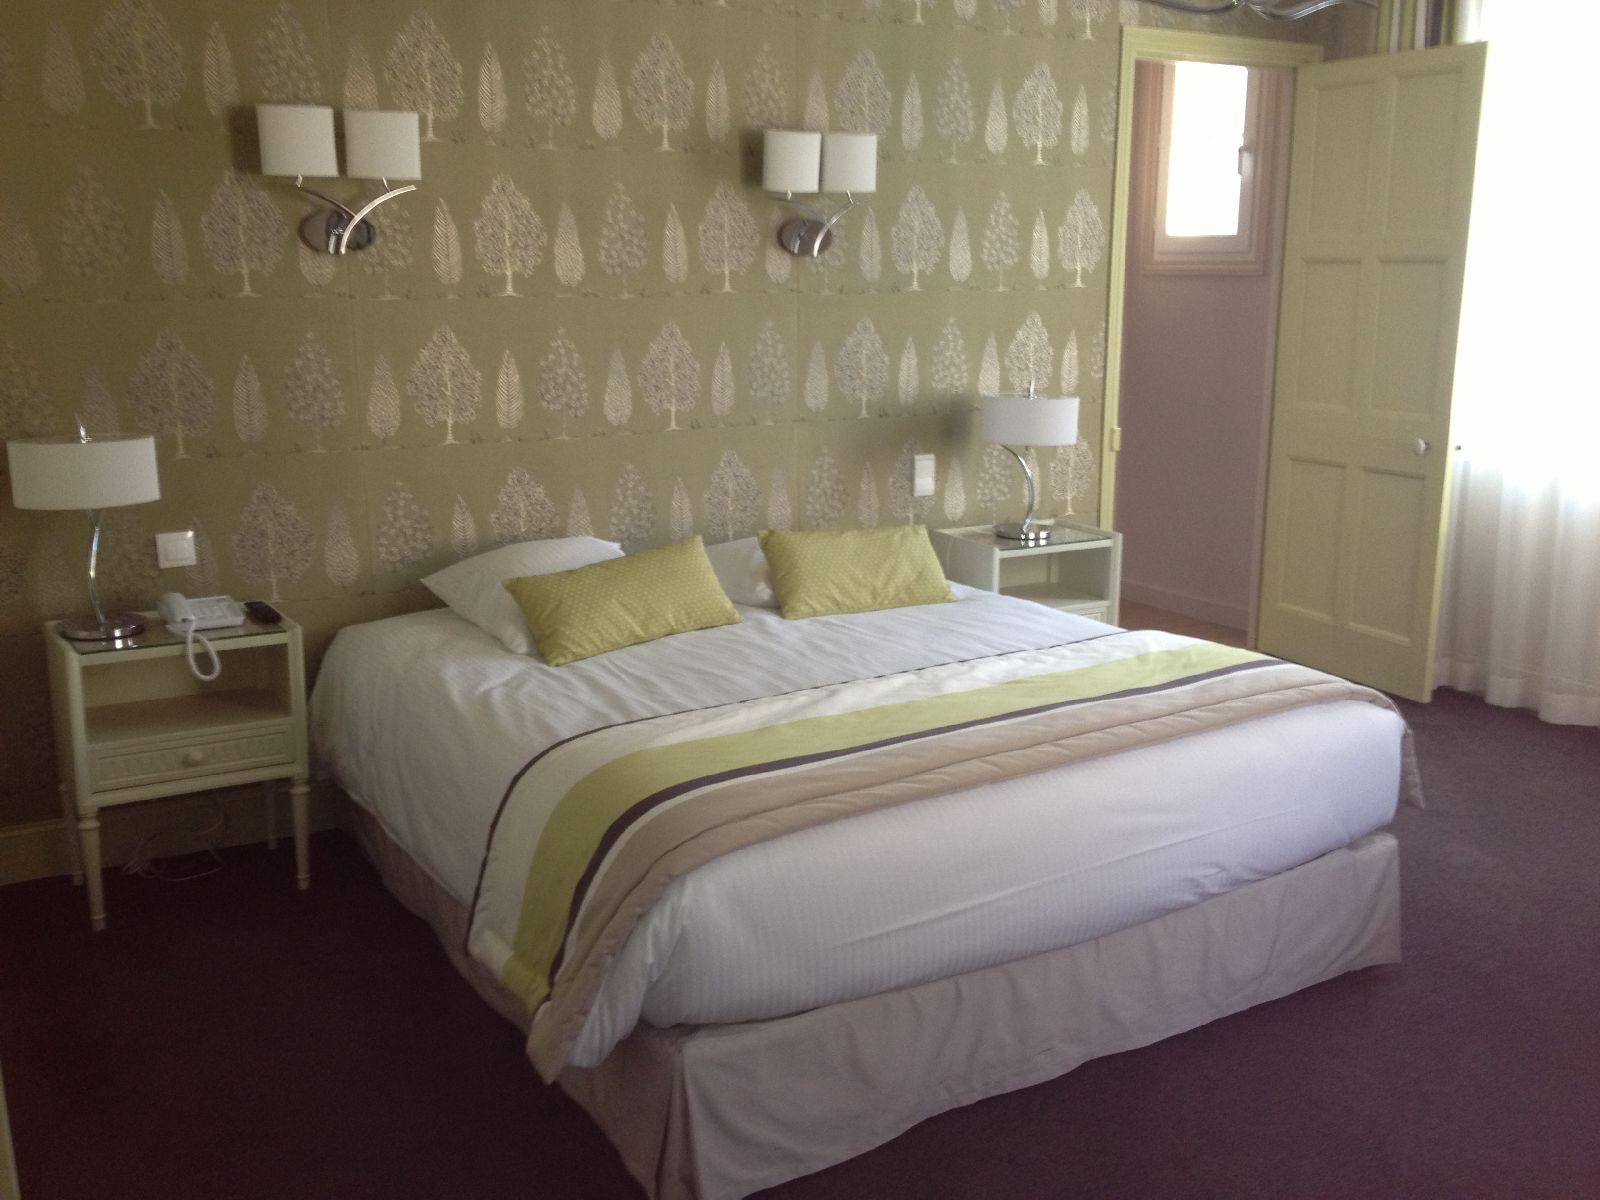 golf-expedition-golf-reizen-frankrijk-regio-pas-de-calais-le-manoir-hotel-twee-persoons-slaapkamer-met-badkamer.jpg